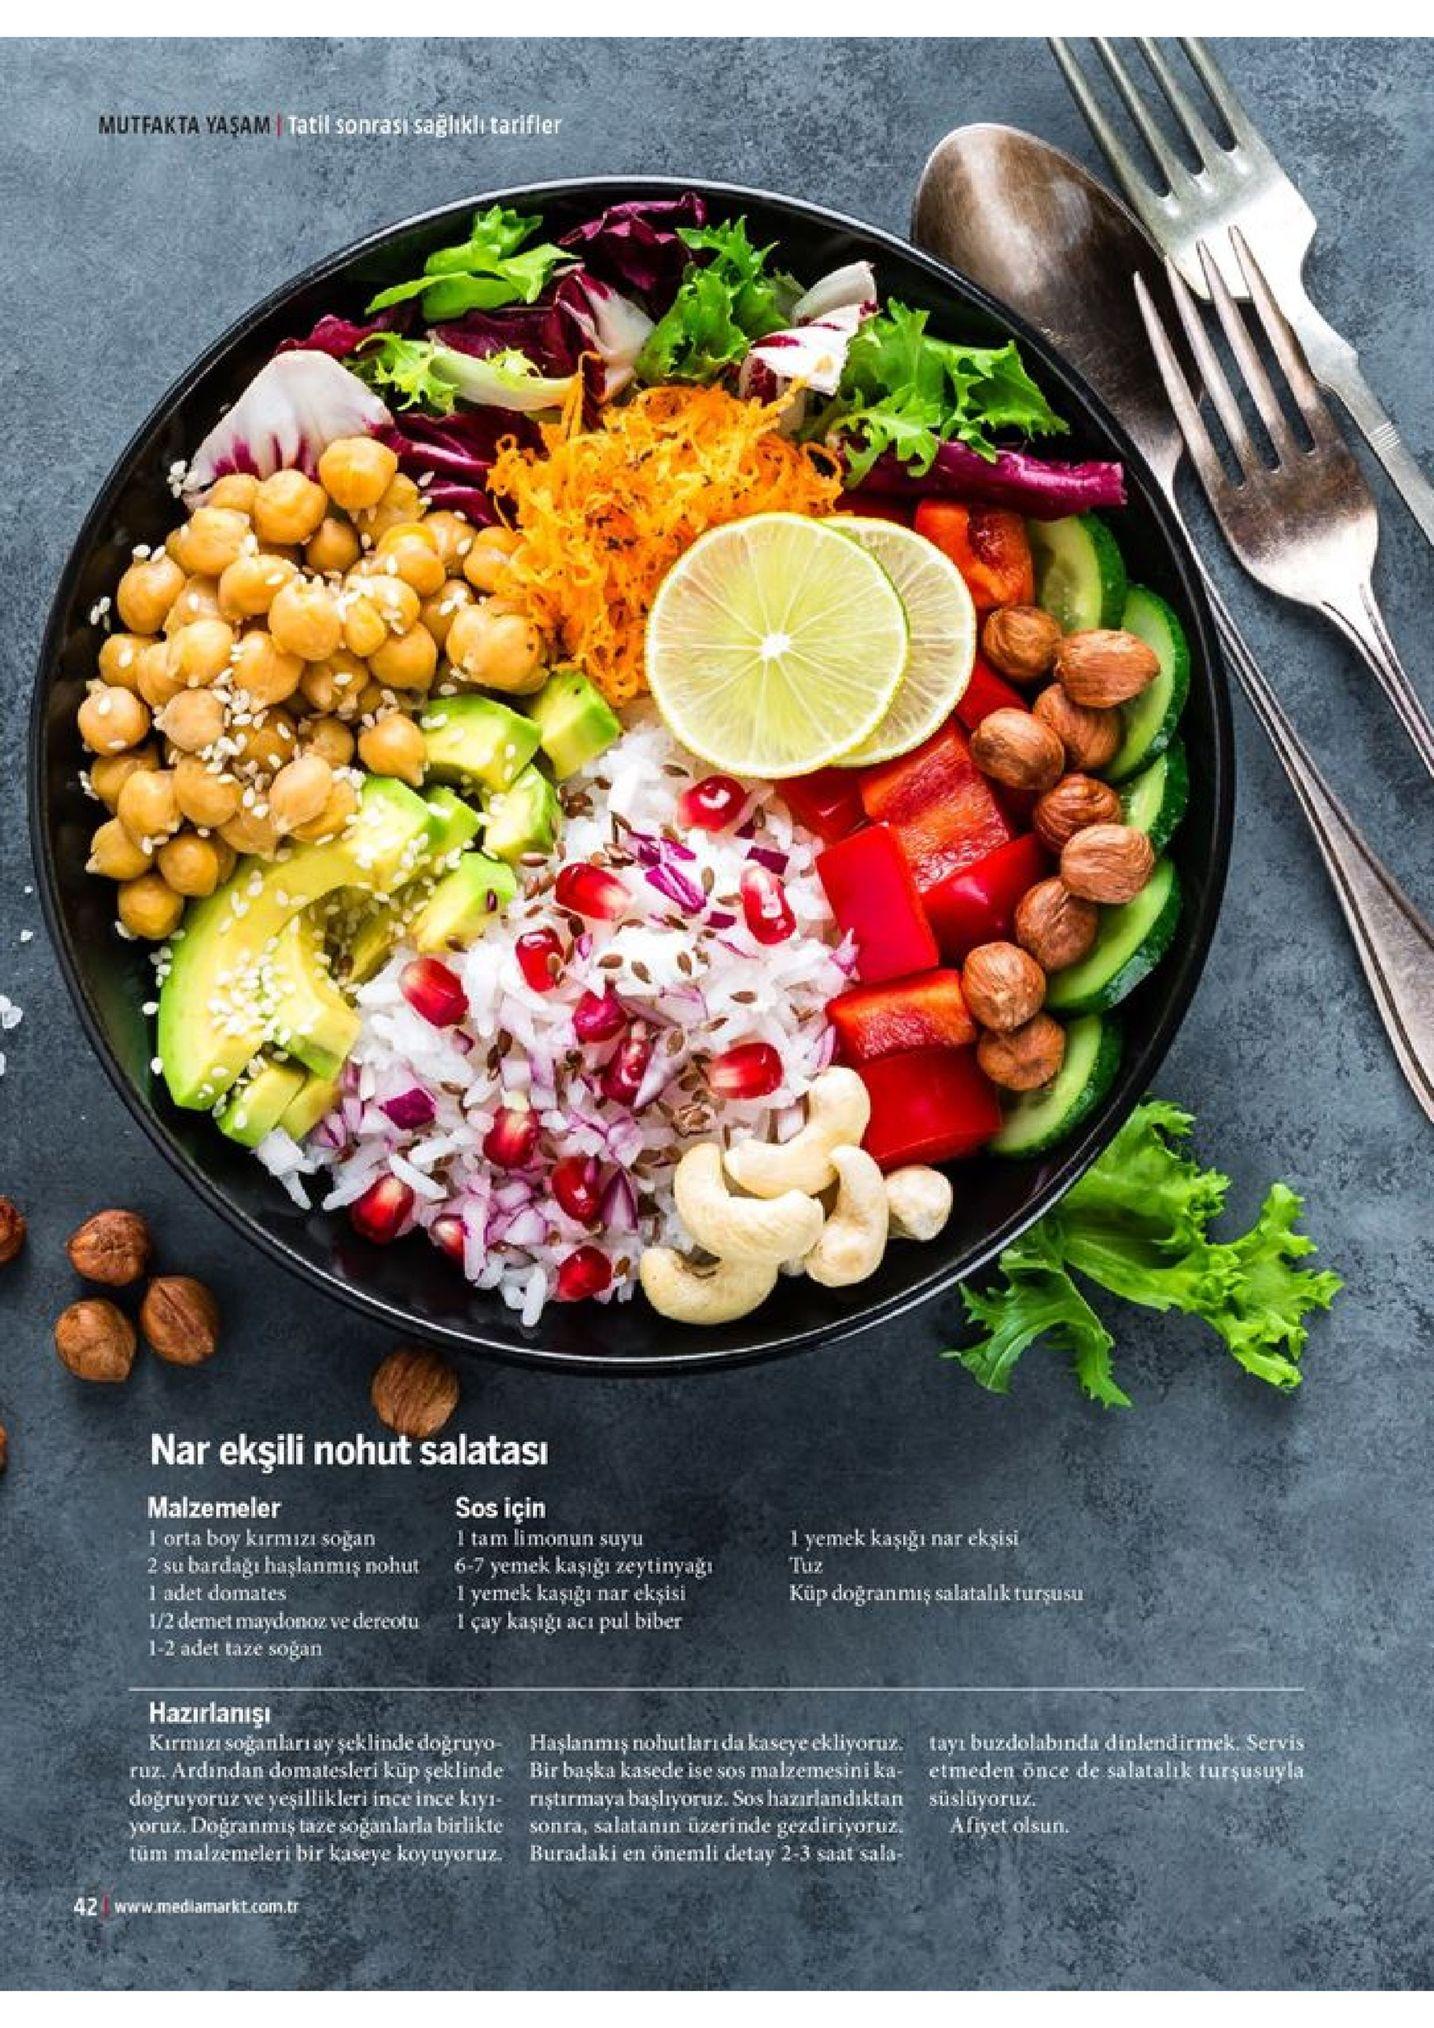 mutfakta yasam tatil sonrasi sağlıklı tarifler nar ekşili nohut salatası sos için malzemeler 1 orta boy kirmizi soğan 2 su bardağı haşlanmış nohut 1 adet domates 1/2 demet maydonoz ve dereotu 1-2 adet taze soğan 1 tam limonun suyu 1 yemek kaşığı tuz ekşisi nar 6-7 yemek kaşığı zeytinyaği 1 yemek kaşığı 1 çay kaşığı ekşisi küp doğranmiş salatalık turşusu паг pul biber aci hazırlanışı kirmizi soğanları ay seklinde doğruyo- ruz. ardindan domatesleri küp şeklinde doğruyoruz ve yeşillikleri ince ince kıyi yoruz. doğranmiş taze soğanlarla birlikte tüm malzemeleri bir kaseye koyuyoruz. haşlanmış nohutları da kaseye ckliyoruz. bir başka kasede ise sos malzemesini ka rişturmaya başlıyoruz. sos hazırlandıktan sonra, salatanın üzerinde gezdiriyoruz. buradaki en önemli detay 2-3 saat sala tayı buzdolabında dinlendirmek. servis etmeden once de salatalik turşusuyla süslüyoruz. afiyet olsun. 42 www.medlamarkt.com.tr